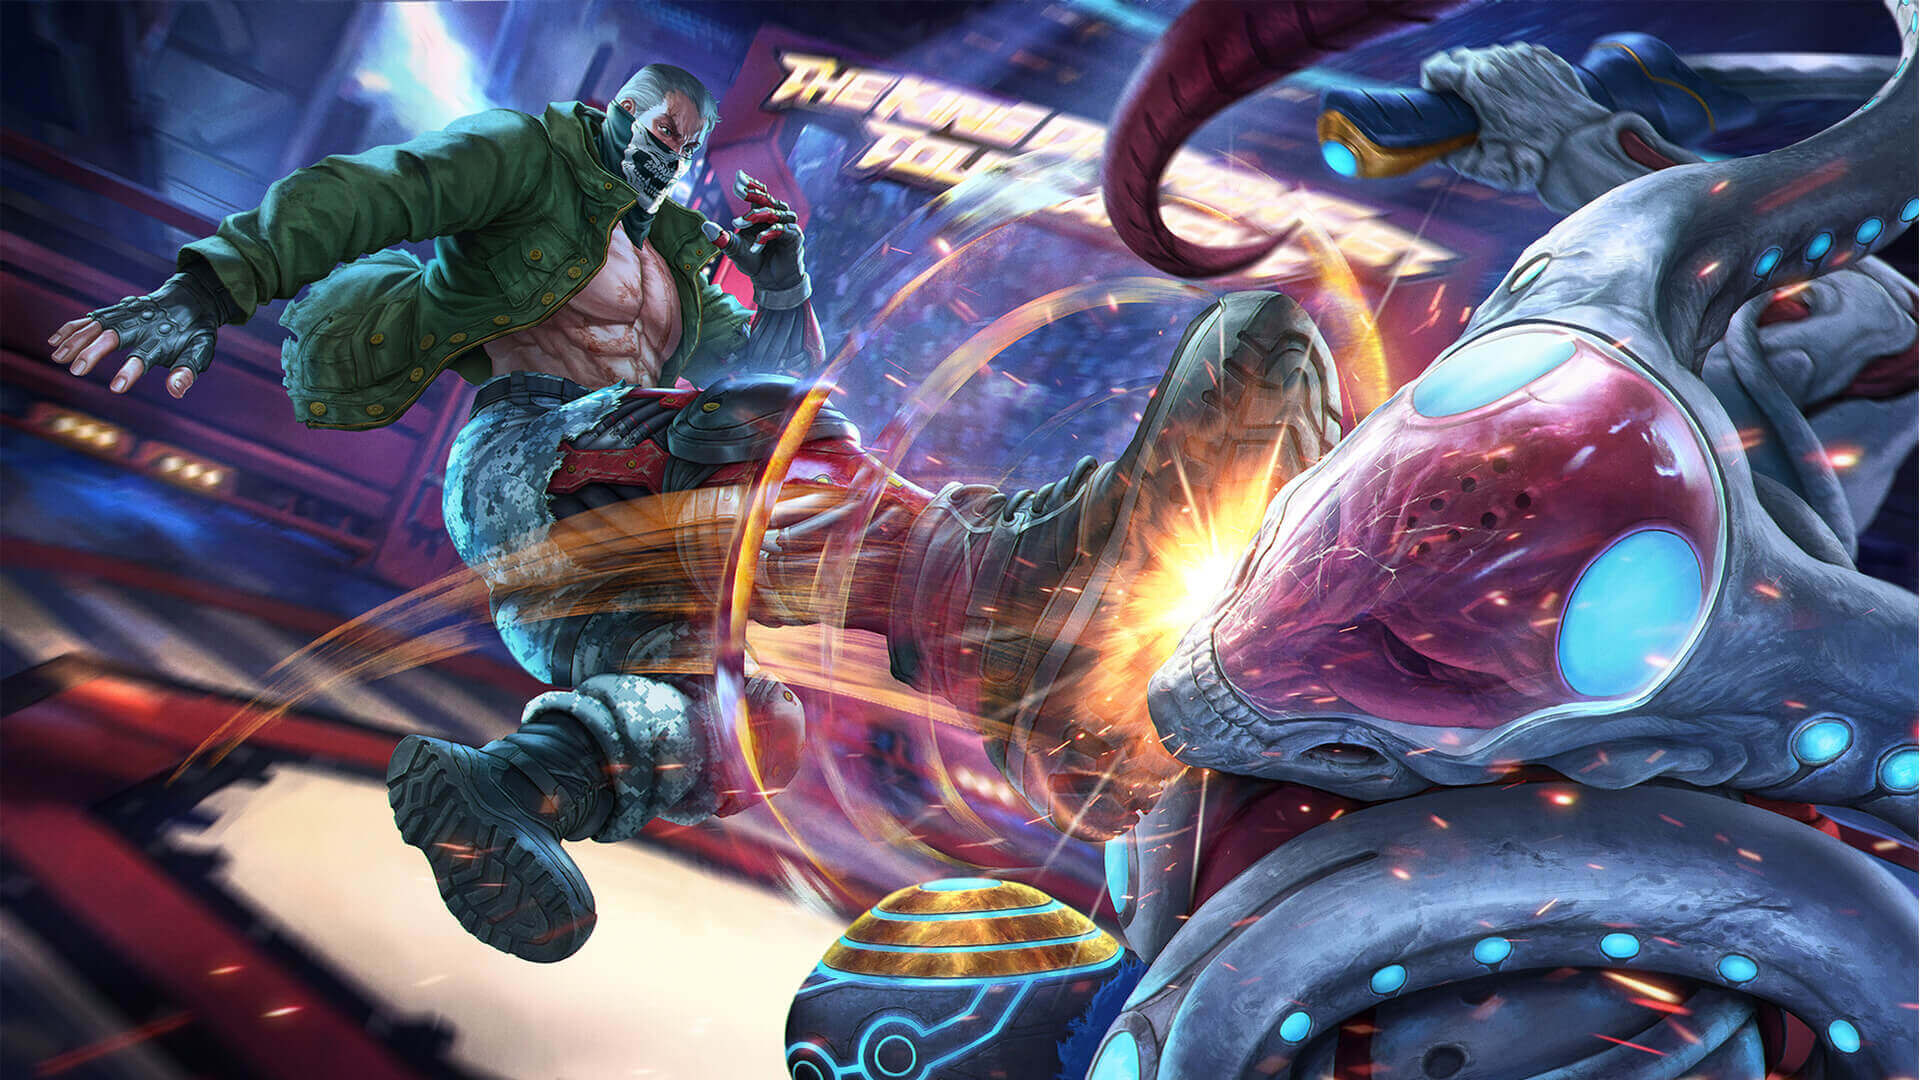 How to play Tekken 7